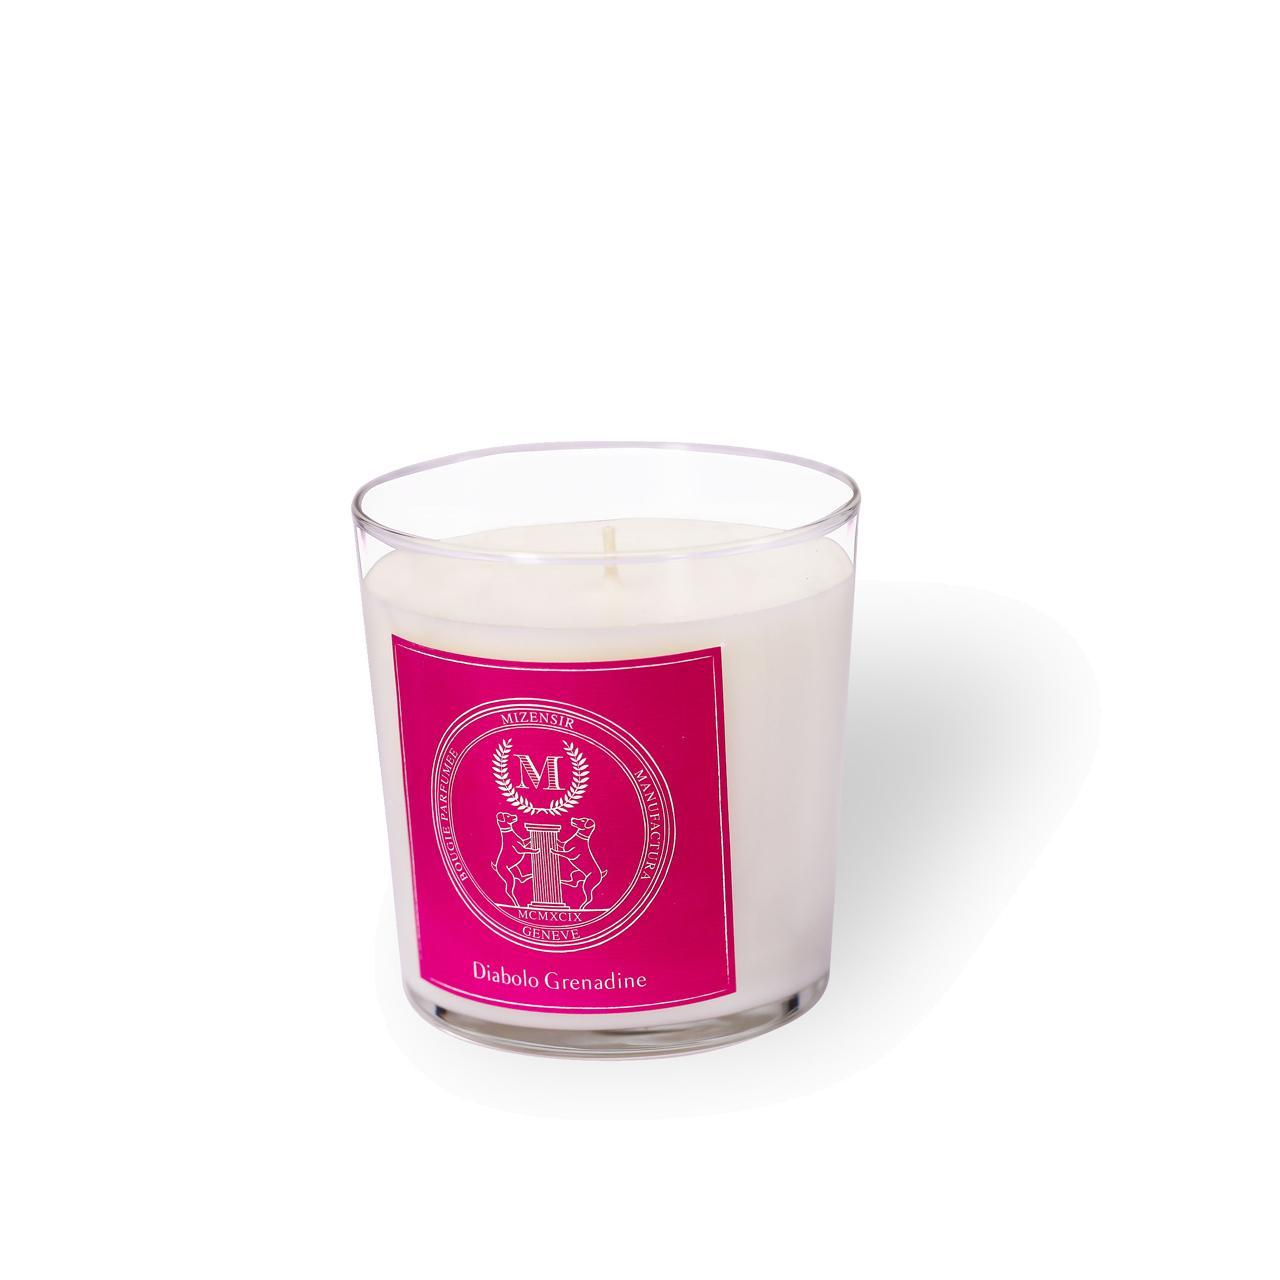 Diabolo Grenadine - Candle